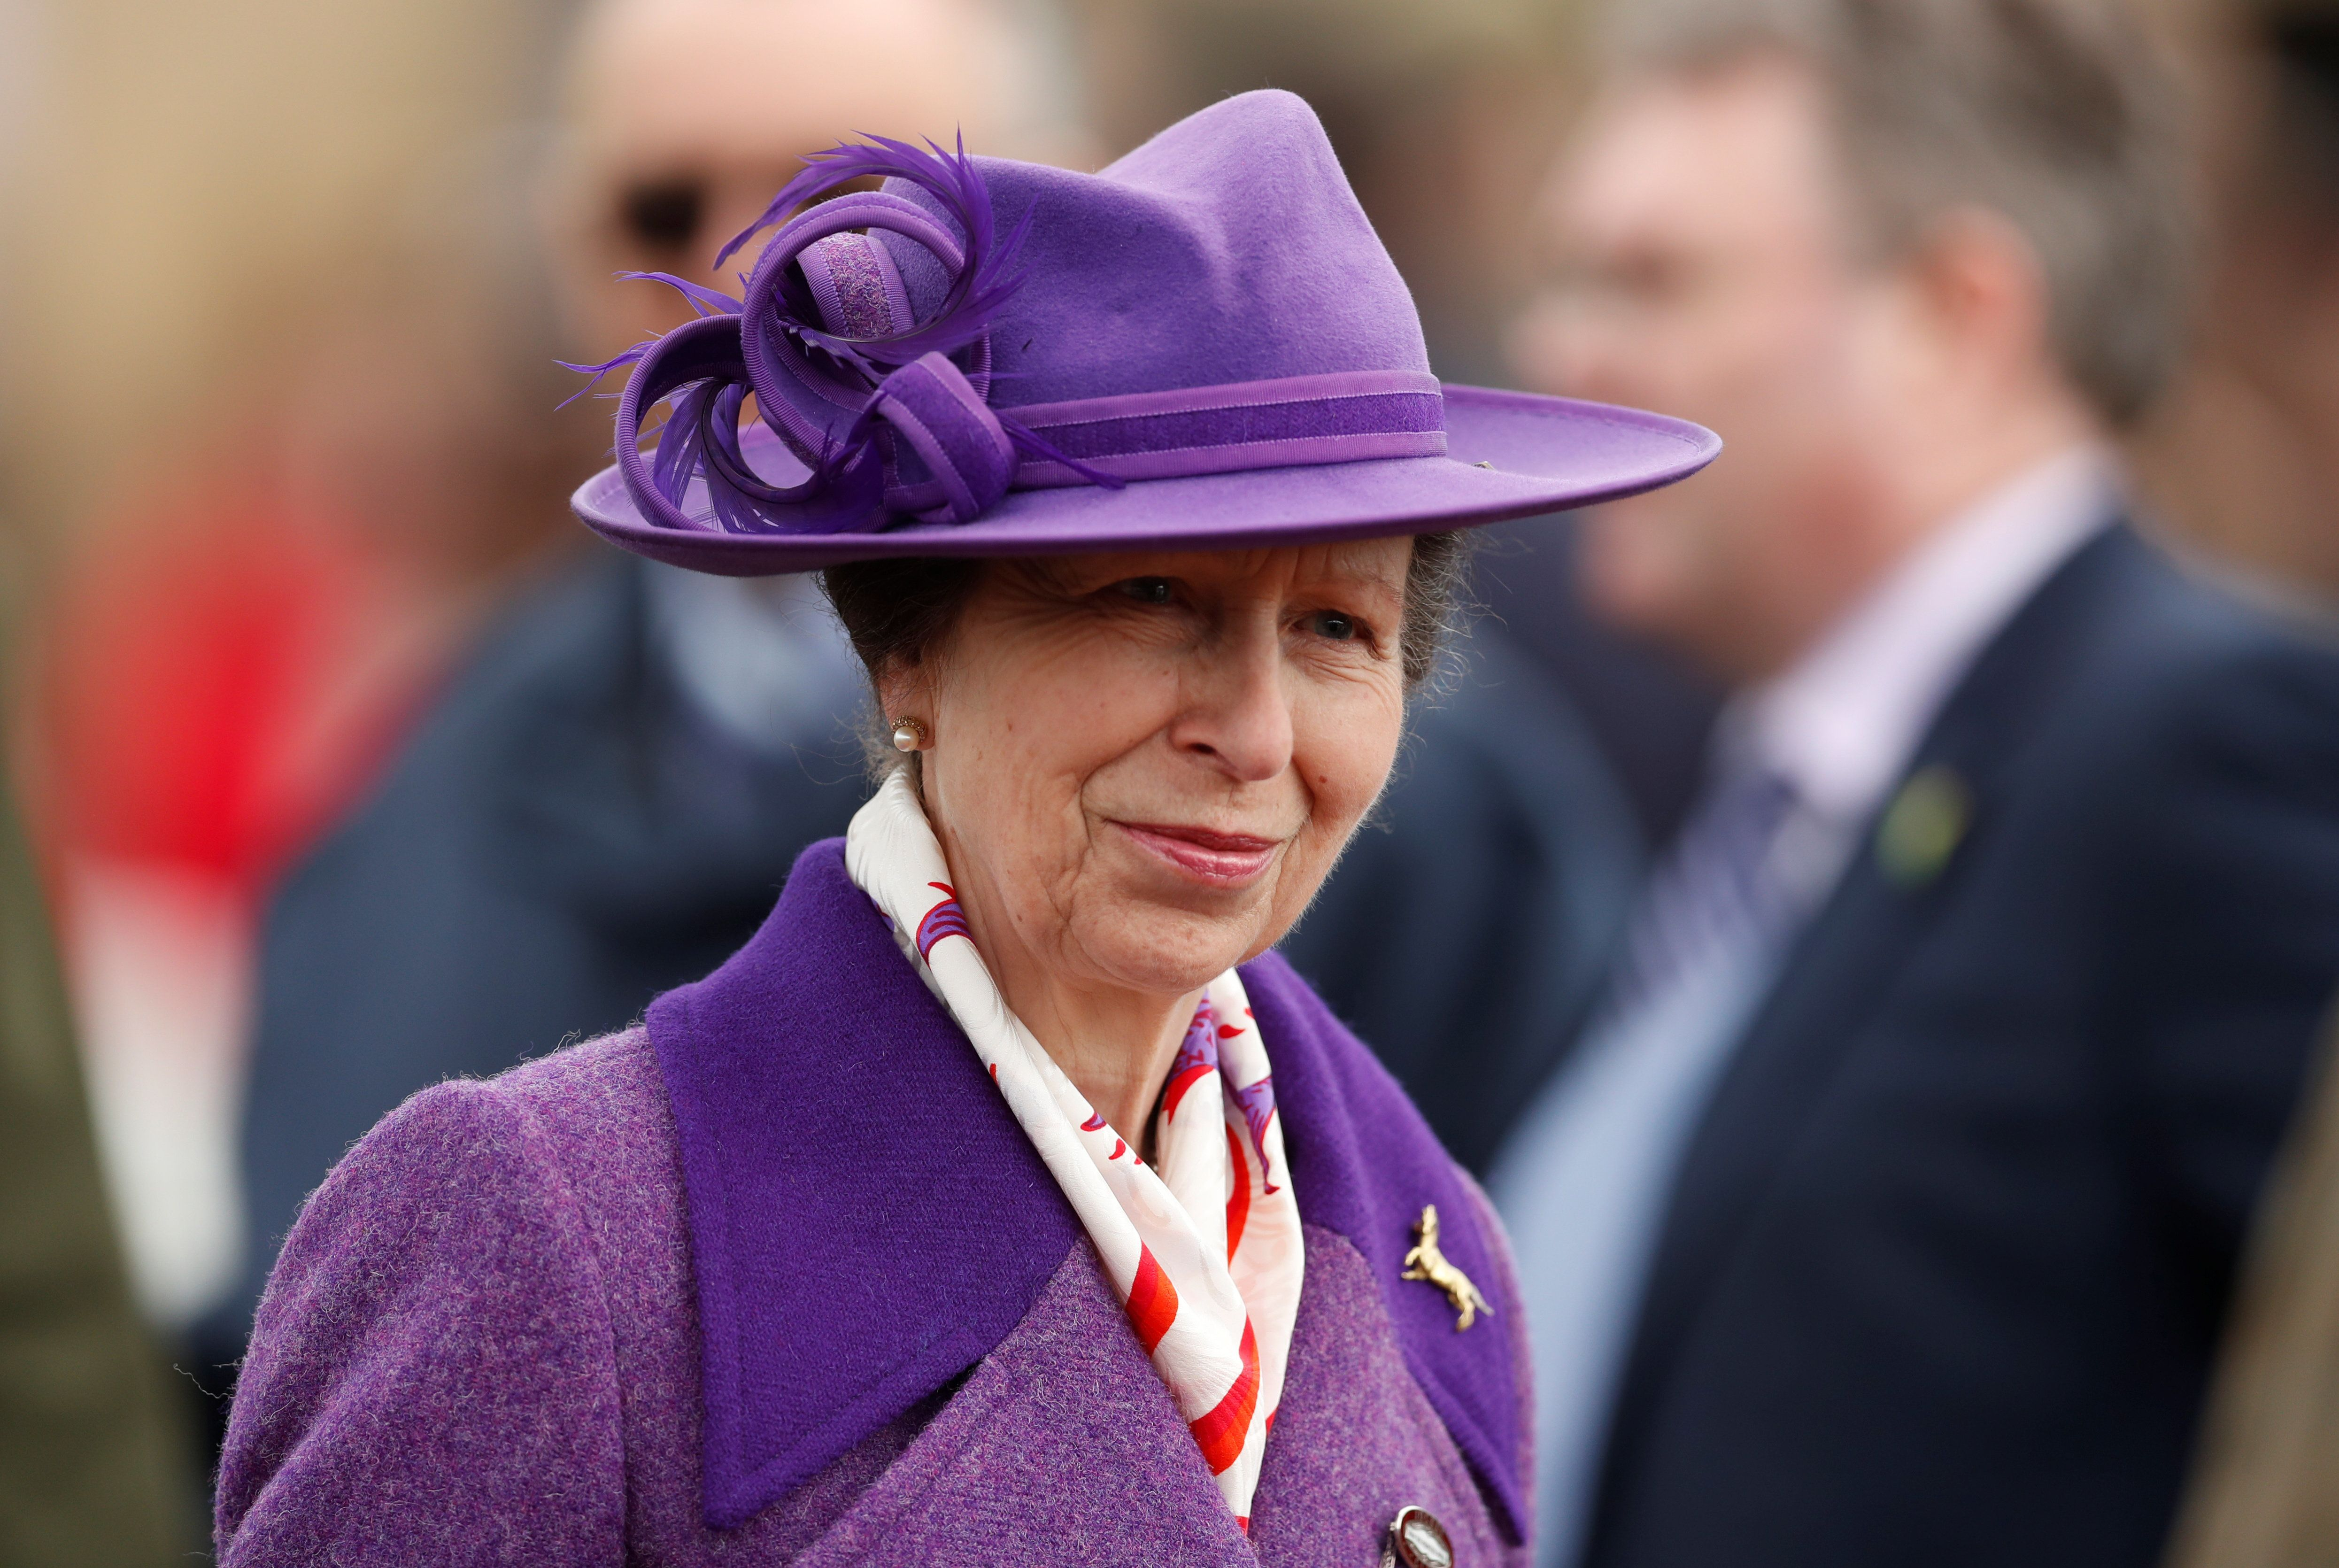 La princesa Anna en el hipódromo de Cheltenham en Gran Bretaña el 16 de marzo. & nbsp;